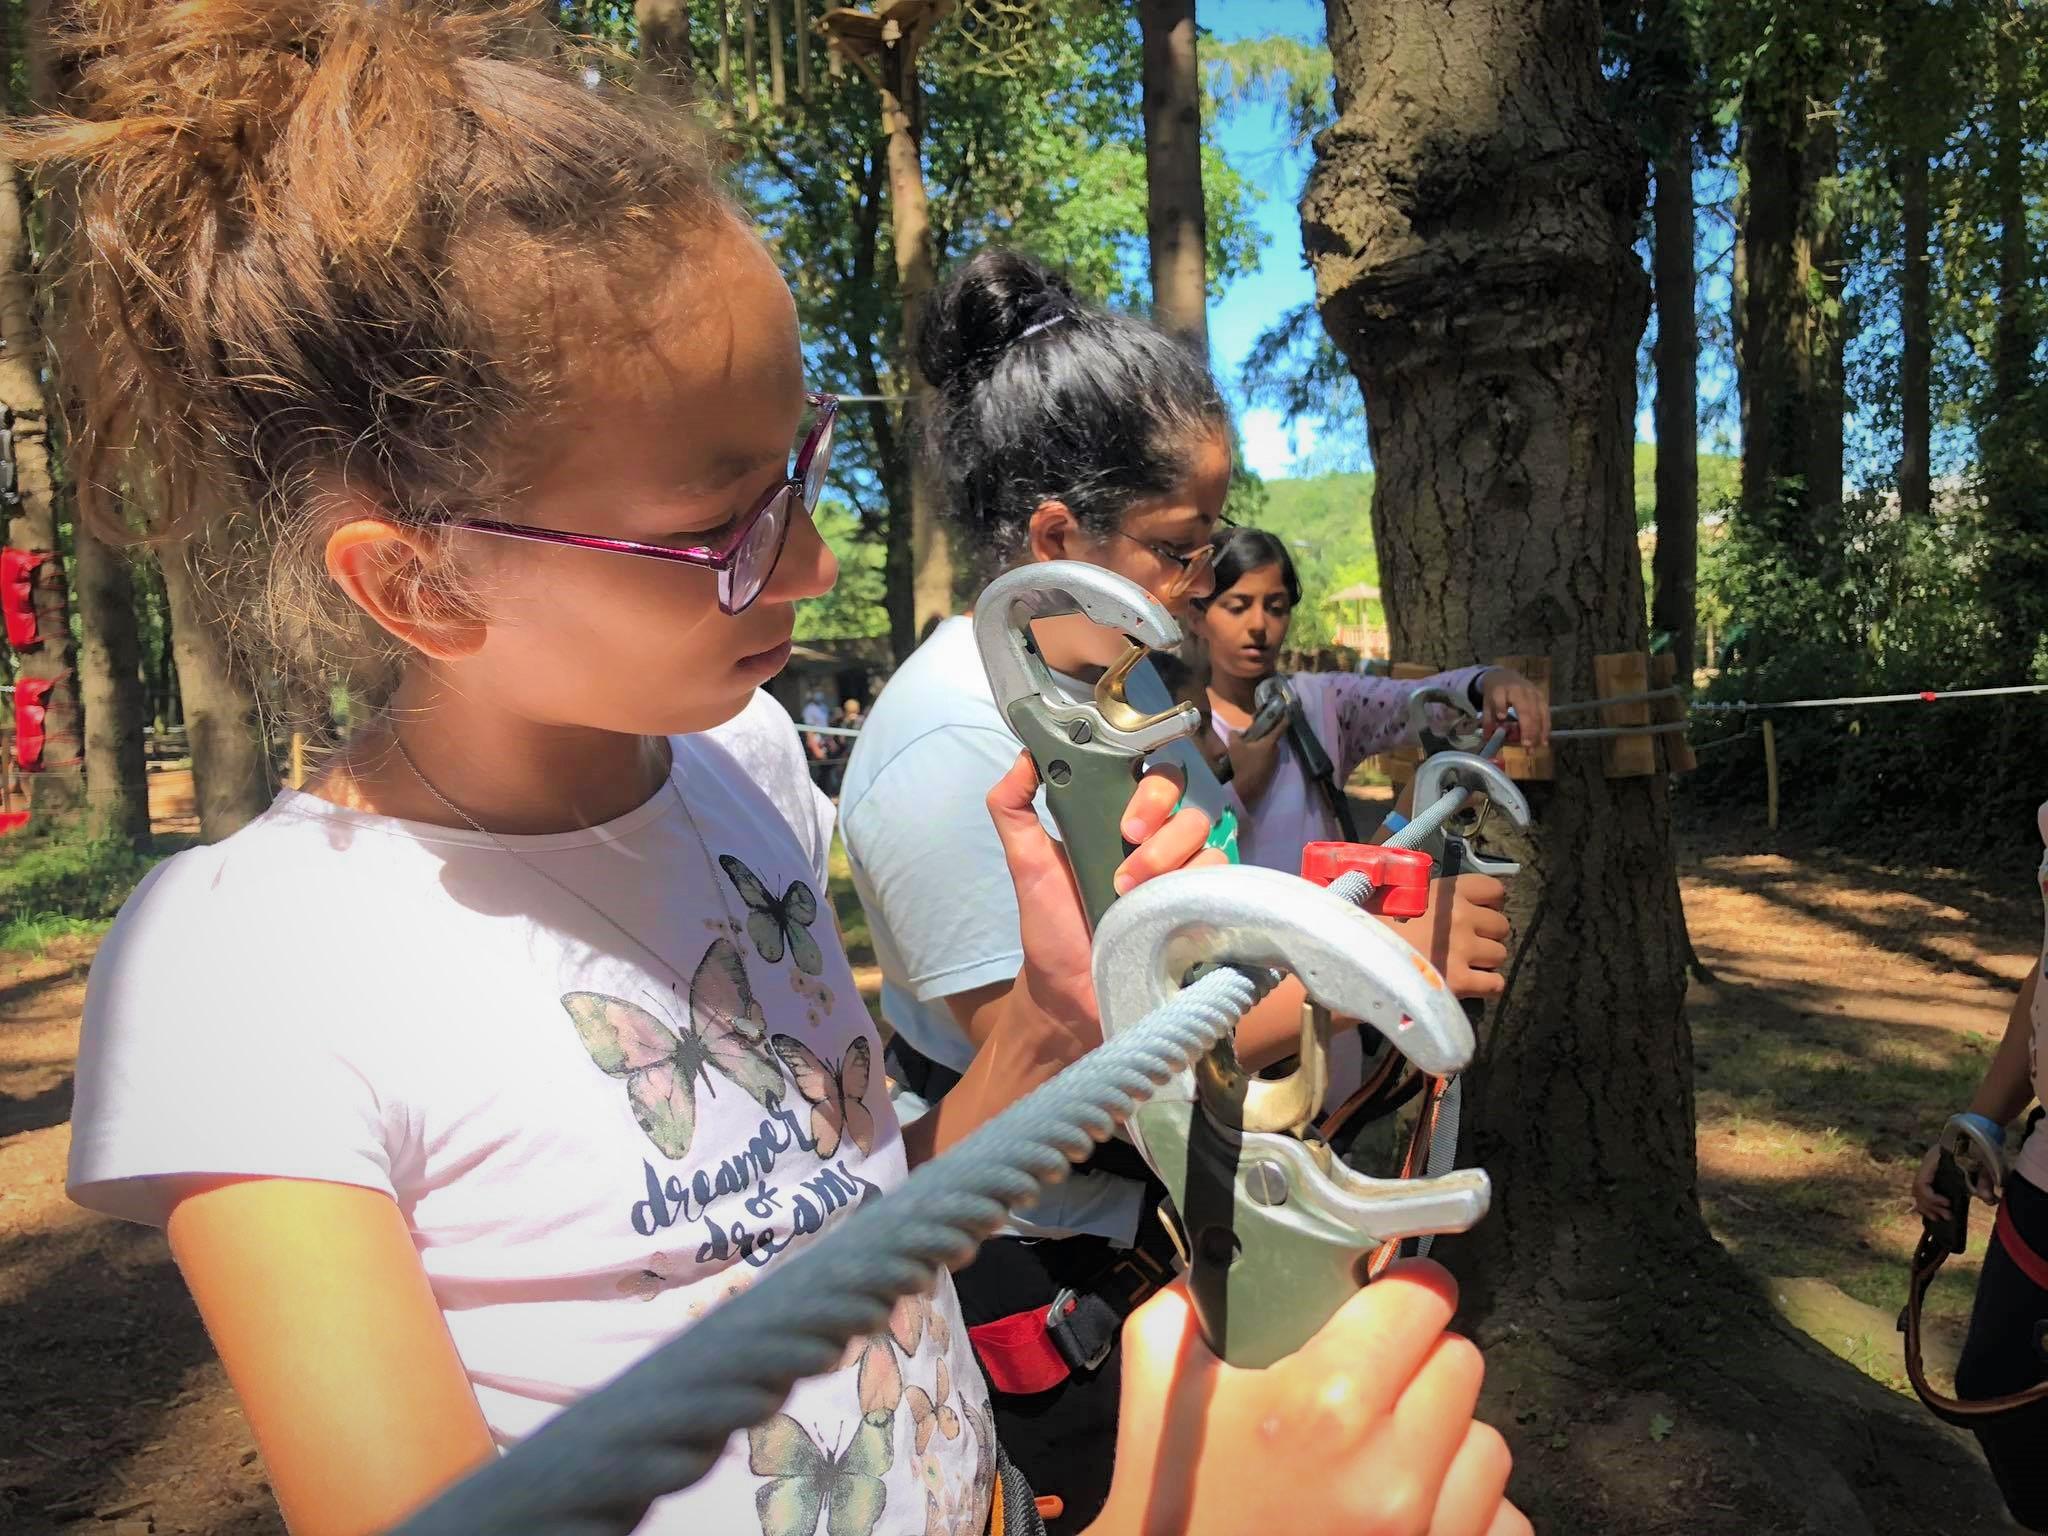 Sortie scolaire loire atlantique savenay accrobranche parc de loisirs